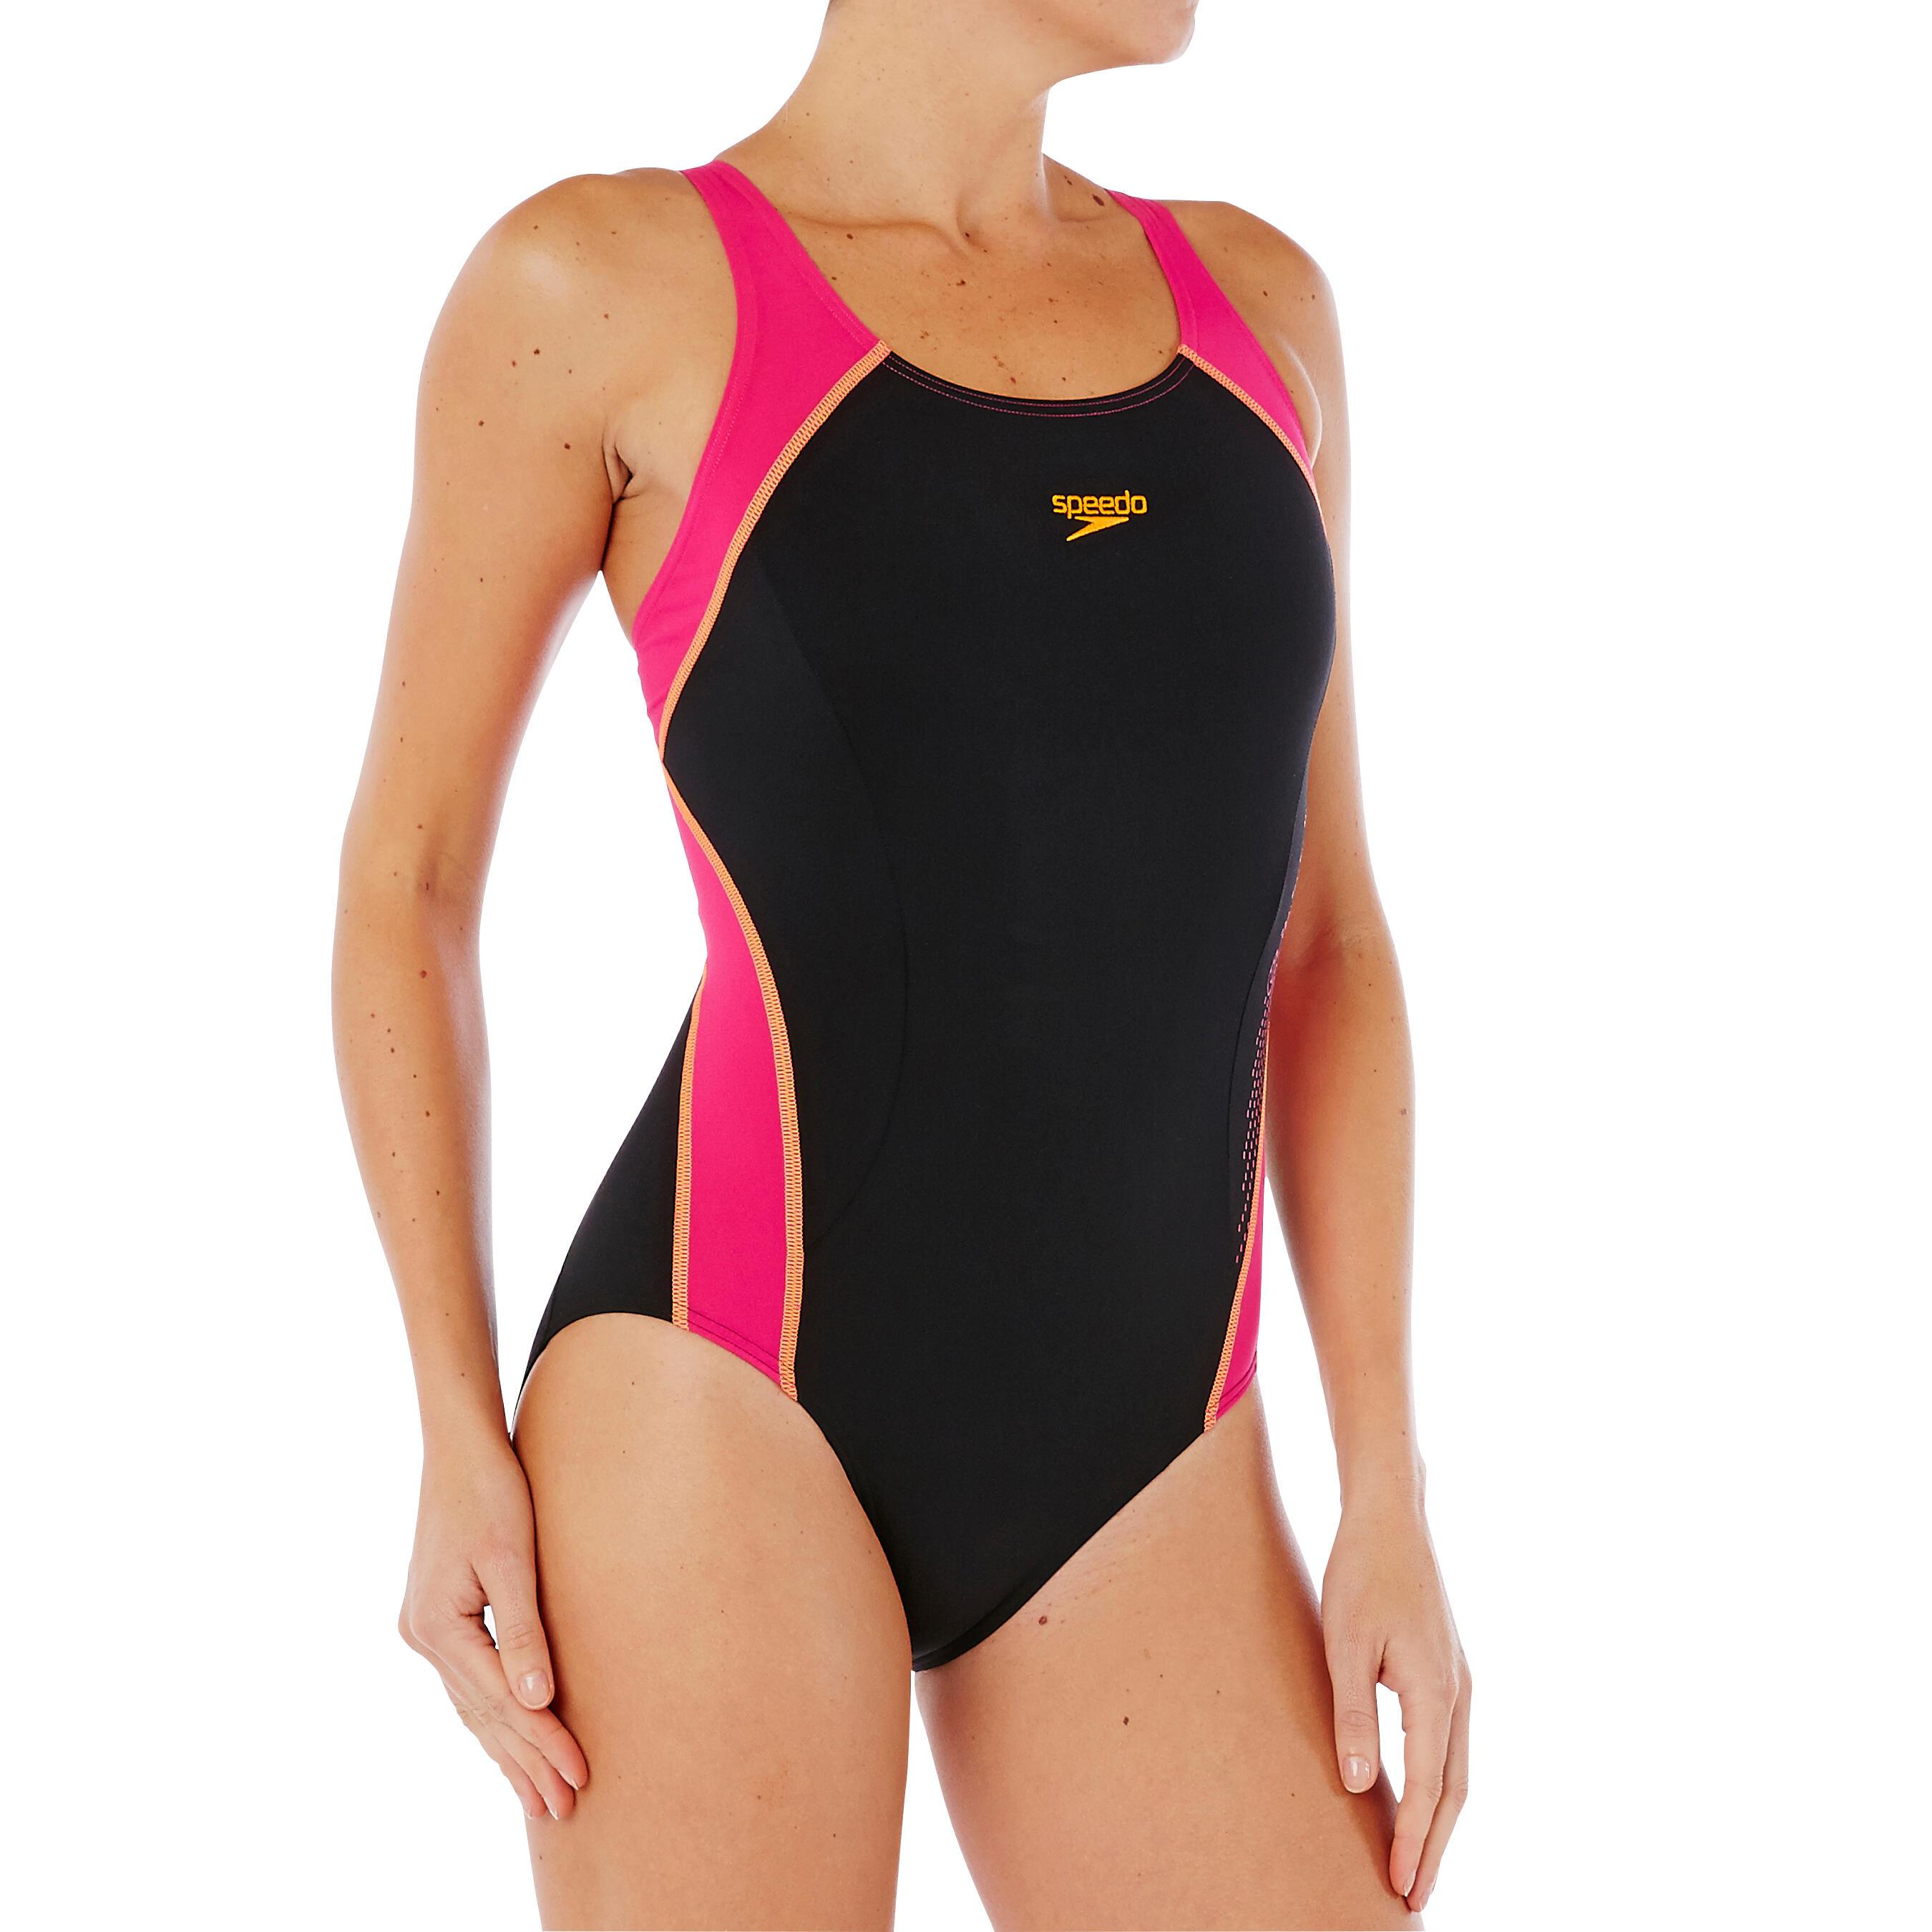 Schwimmanzüge, Sportbikinis Damen   Sport erleben   DECATHLON db8bc6360a